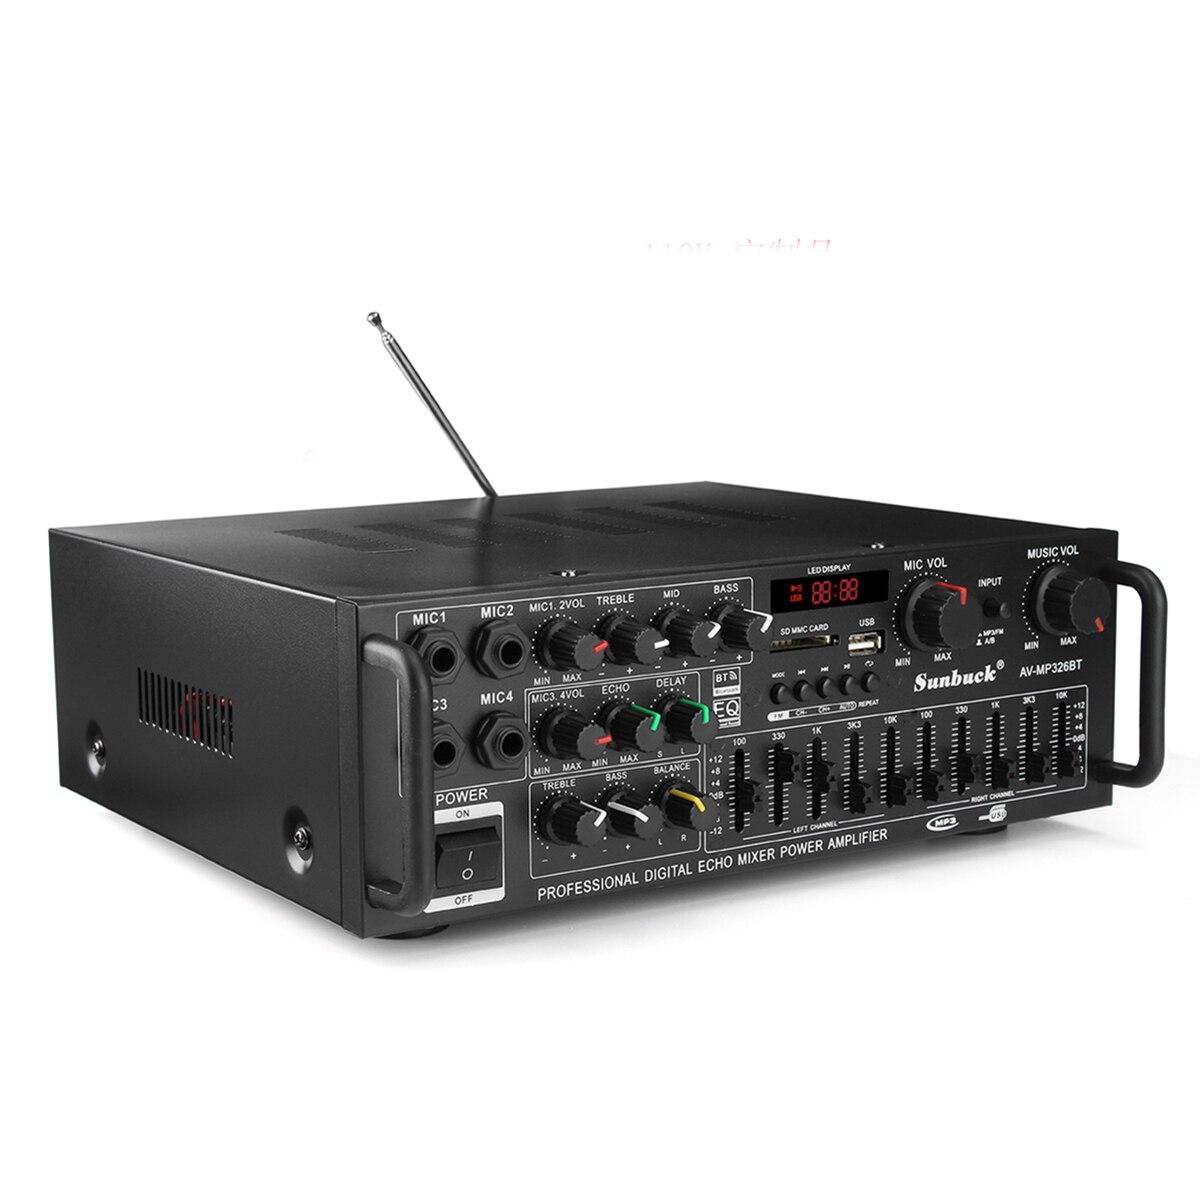 EQ 2000 w 4 ohm 2CH bluetooth Estéreo auriculares bluetooth Digital amplificador de potencia USB 64 GB casa teatro amplificadores - 3